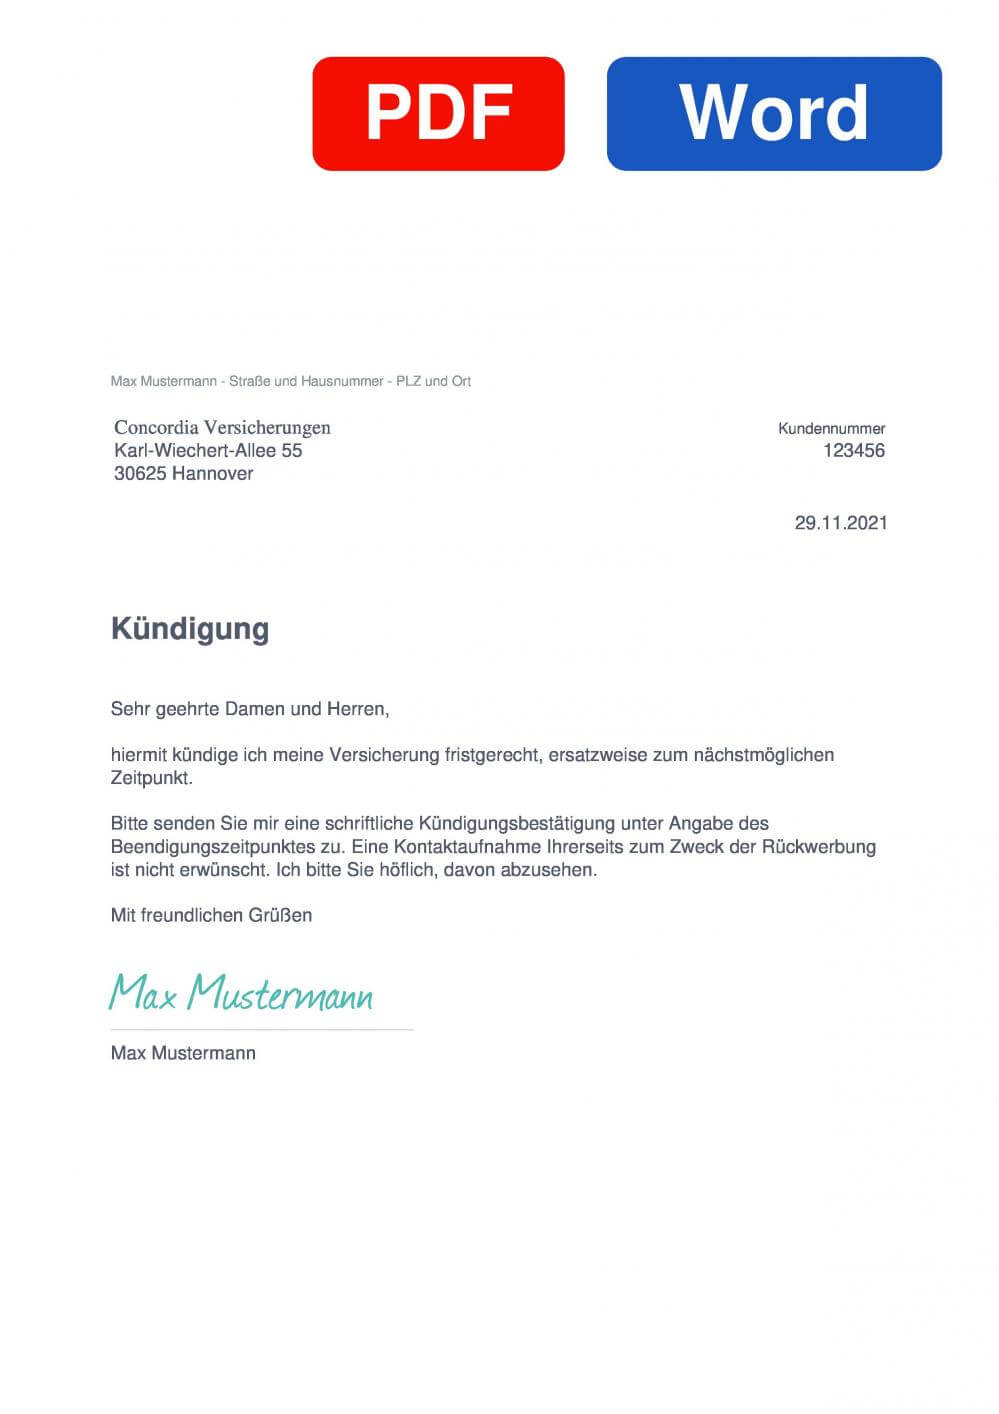 Concordia Rechtsschutzversicherung Muster Vorlage für Kündigungsschreiben